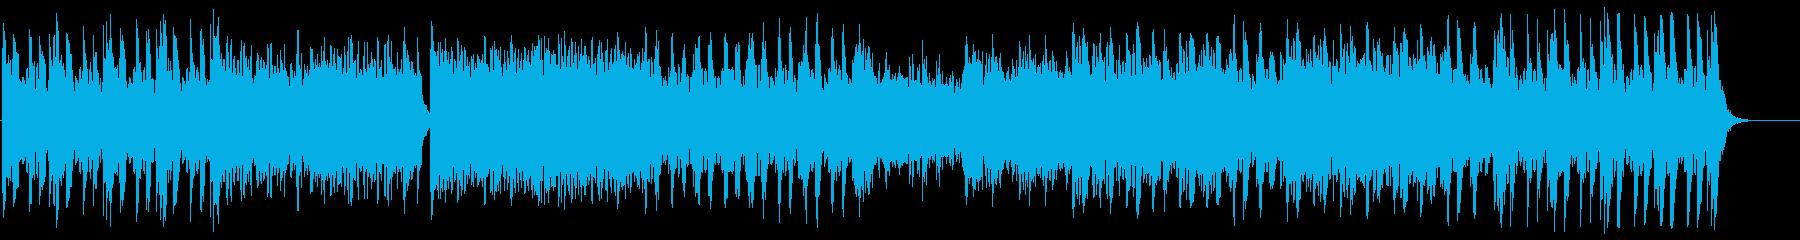 迫力とドキドキ感の弦管楽器などのサウンドの再生済みの波形